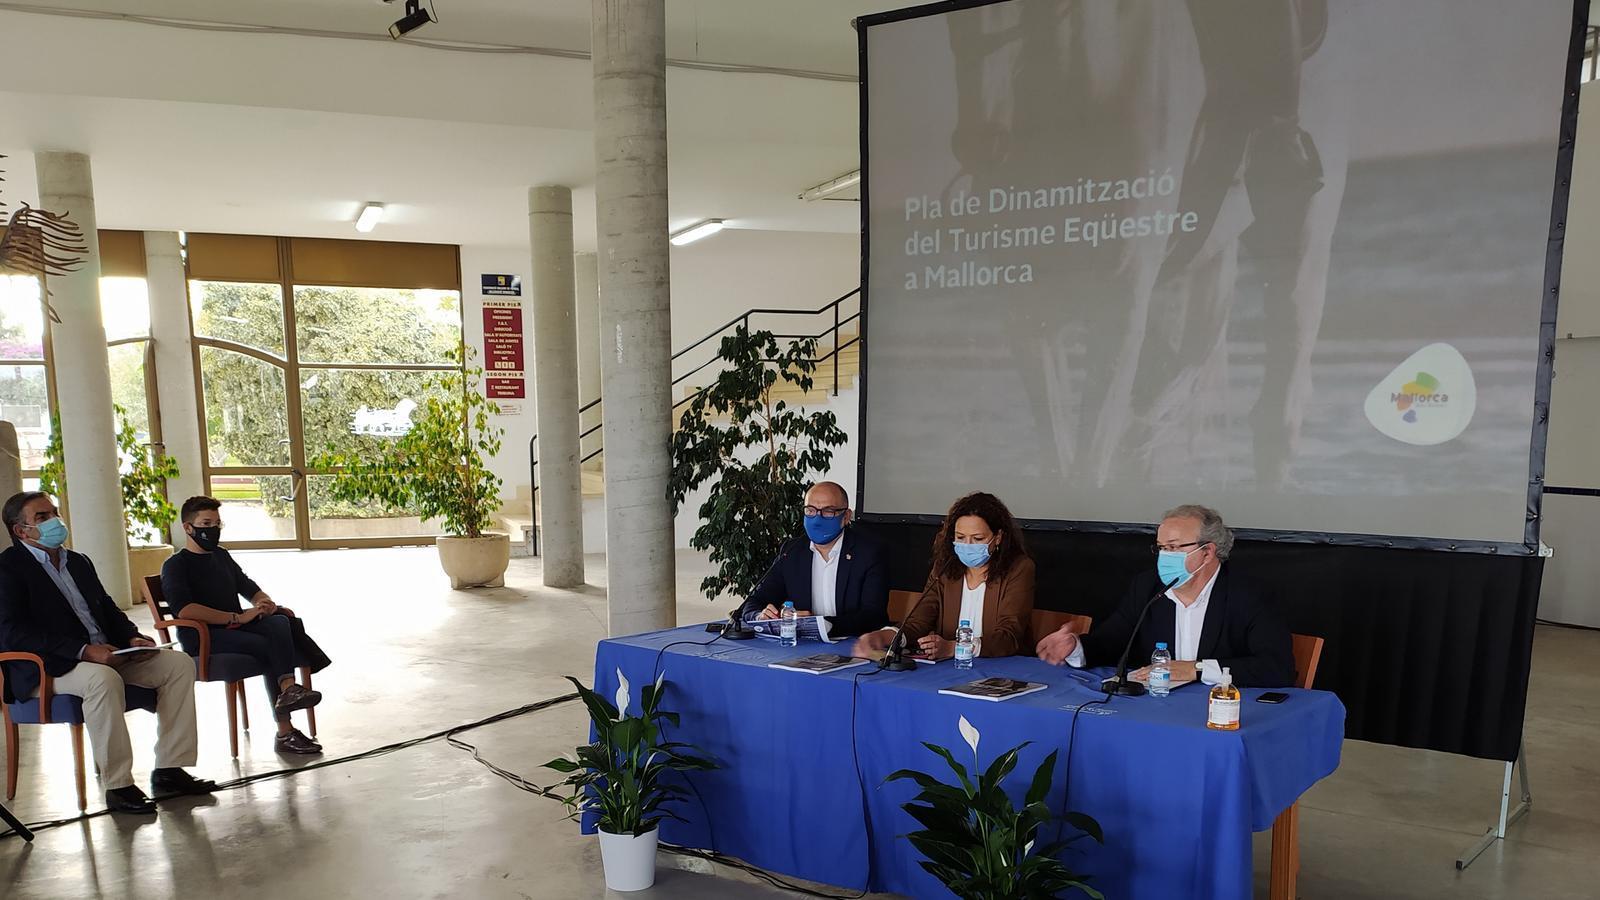 Presentació del Pla de Dinamització del Turisme Eqüestre a Mallorca./ T.R.